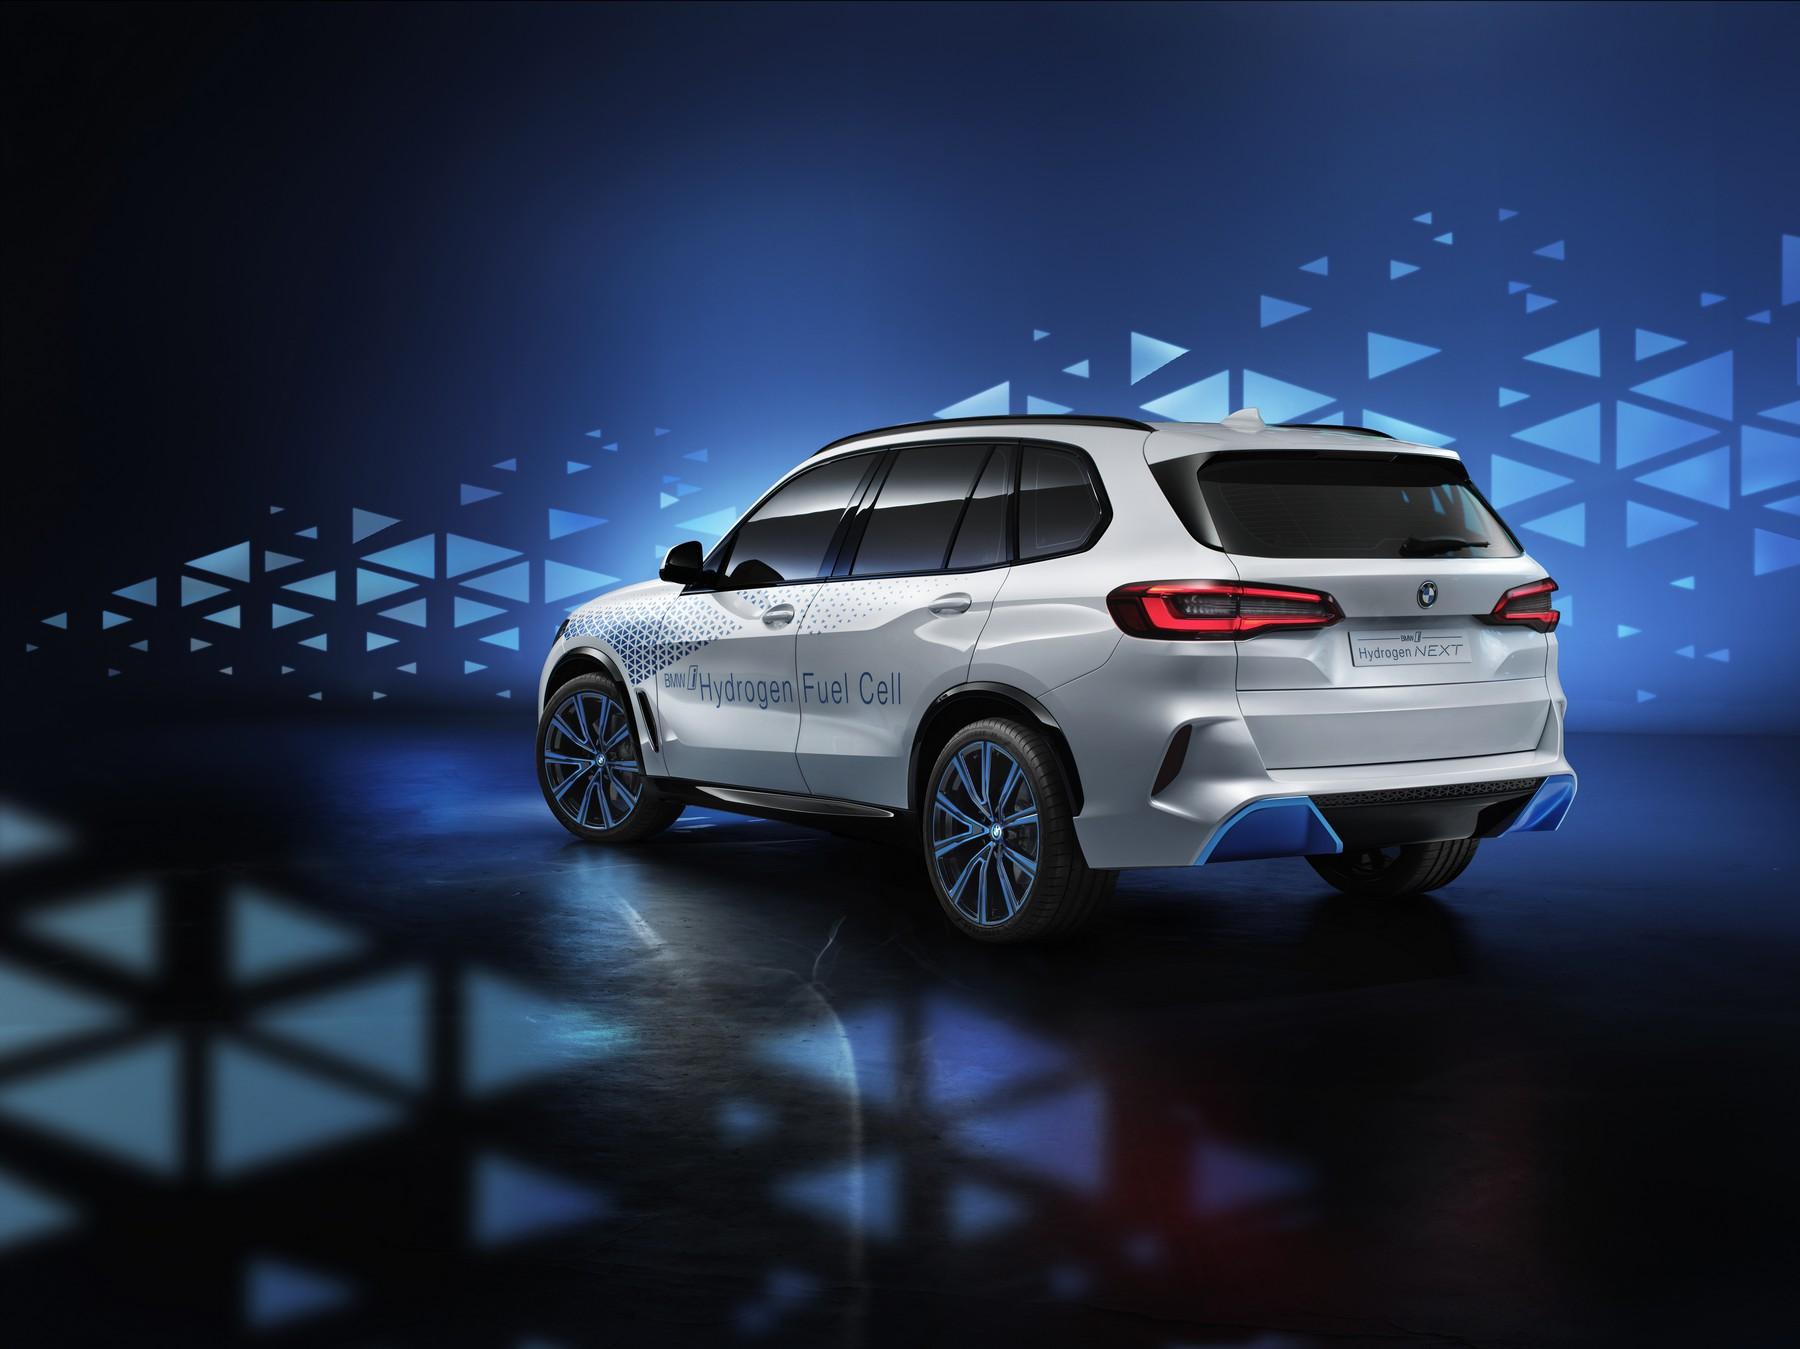 BMW-i-Hydrogen-Next-4